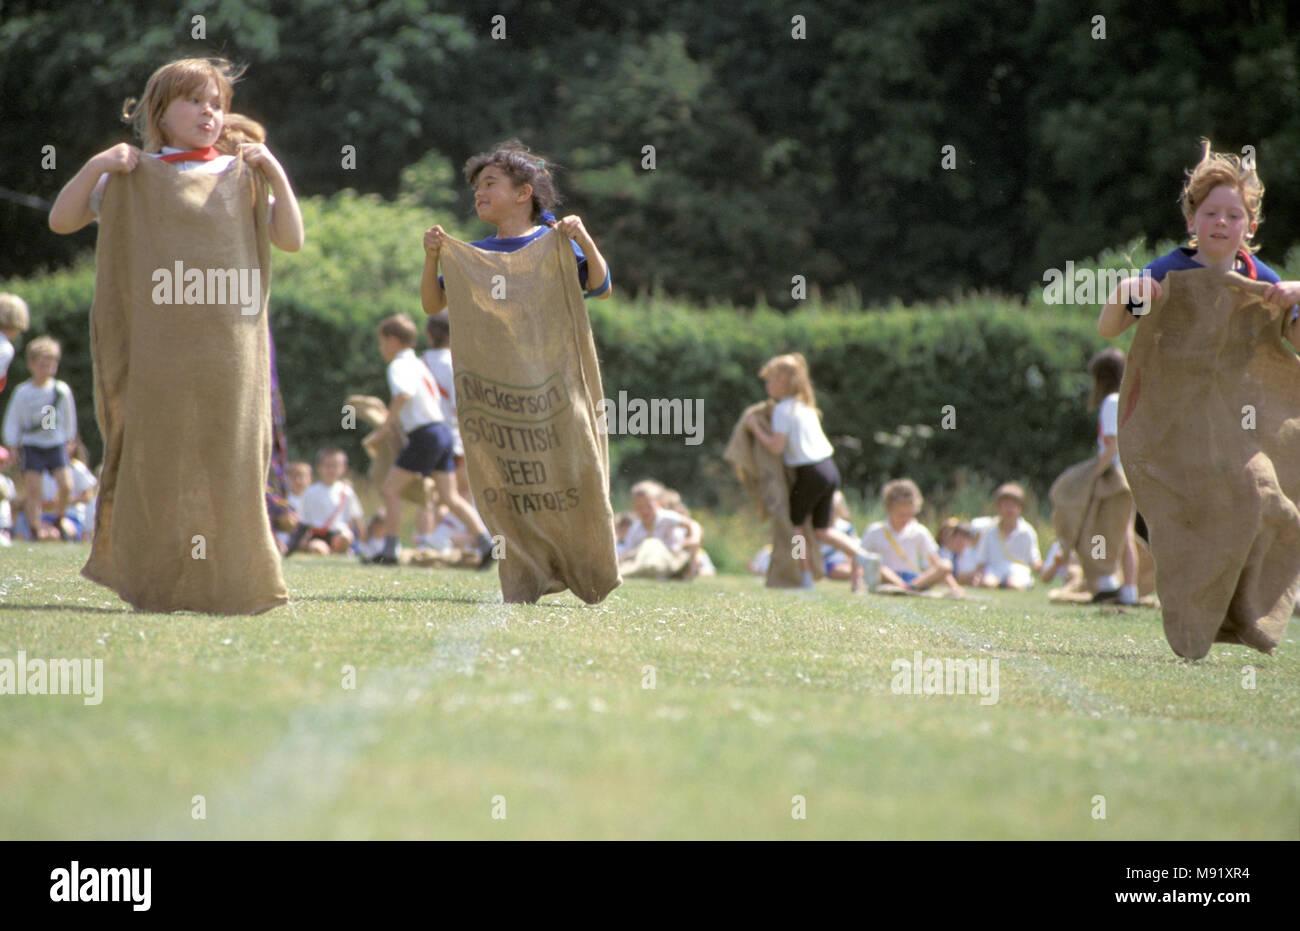 Las niñas competir en carrera de sacos durante la escuela primaria día deportivo, Inglaterra, Reino Unido. Imagen De Stock